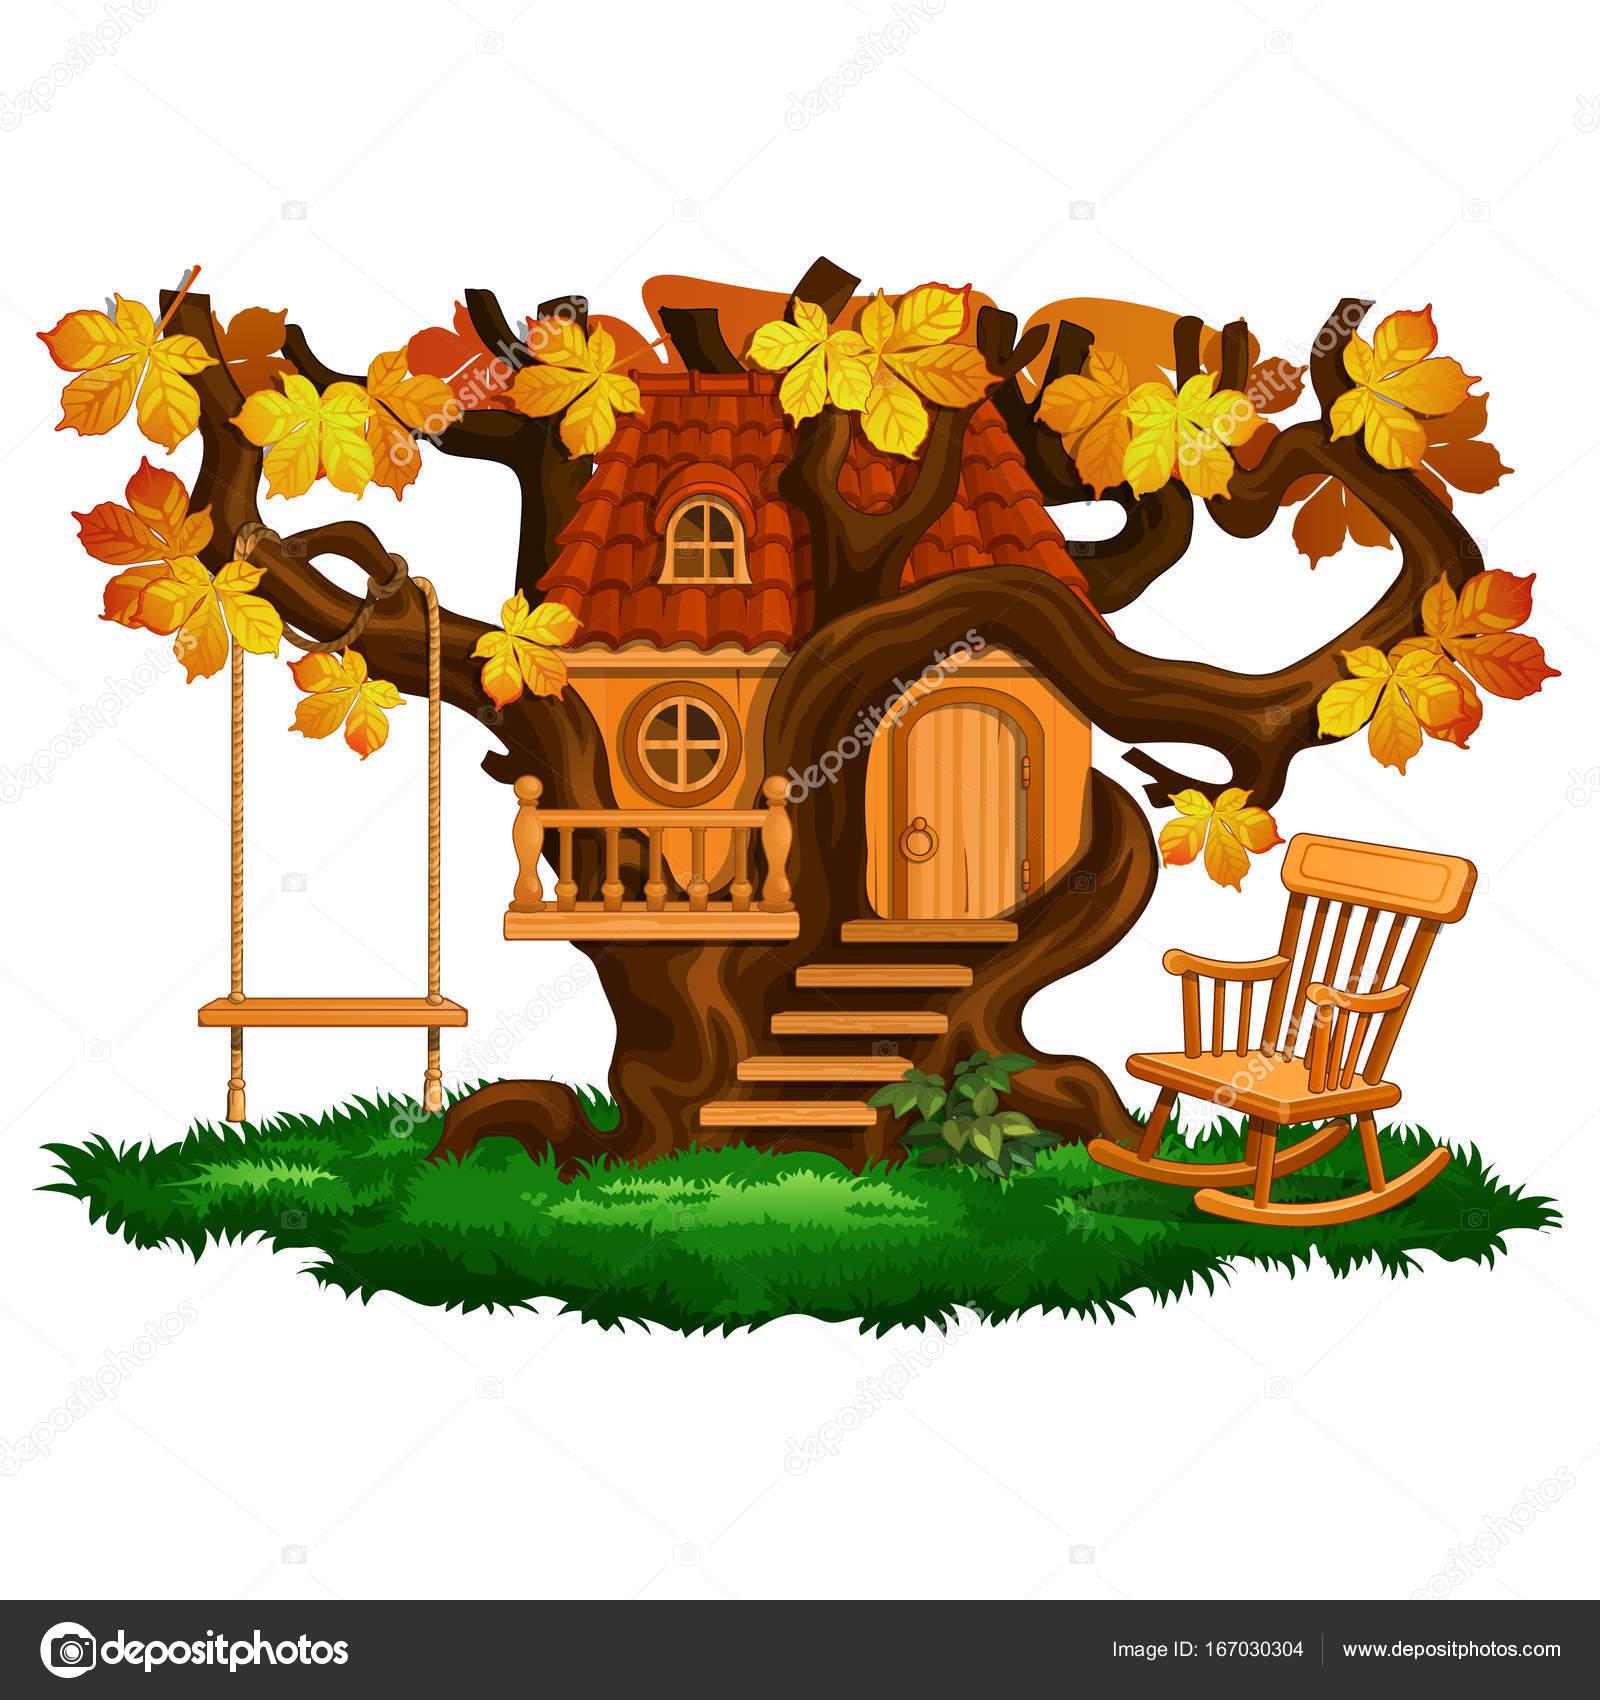 Fabuleuse maison de larbre balançoire et chaise berçante saison dautomne scène de dessin animé de paysage illustration vectorielle isolée sur fond